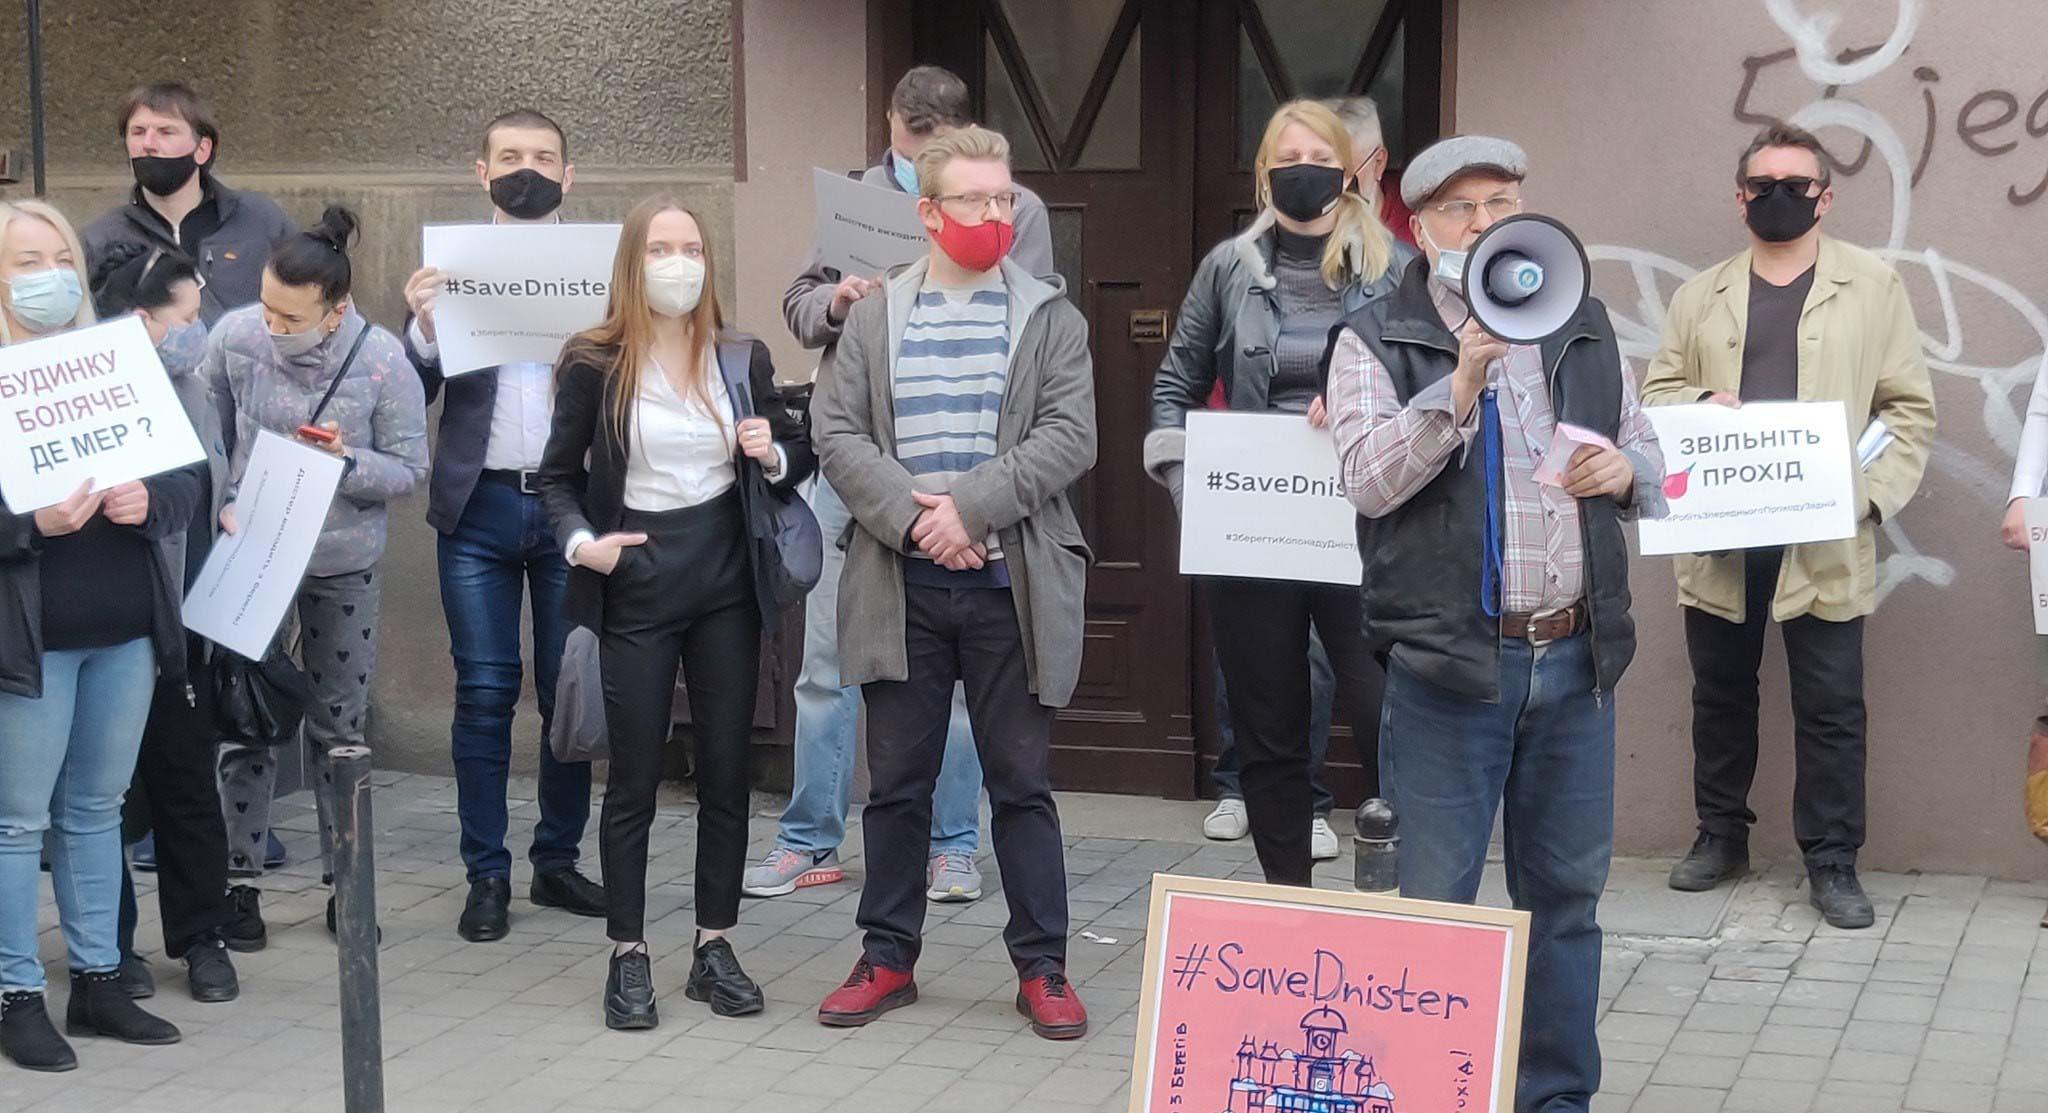 """Франківці висунули 12 вимог щодо скандальної реставрації """"Дністра"""""""